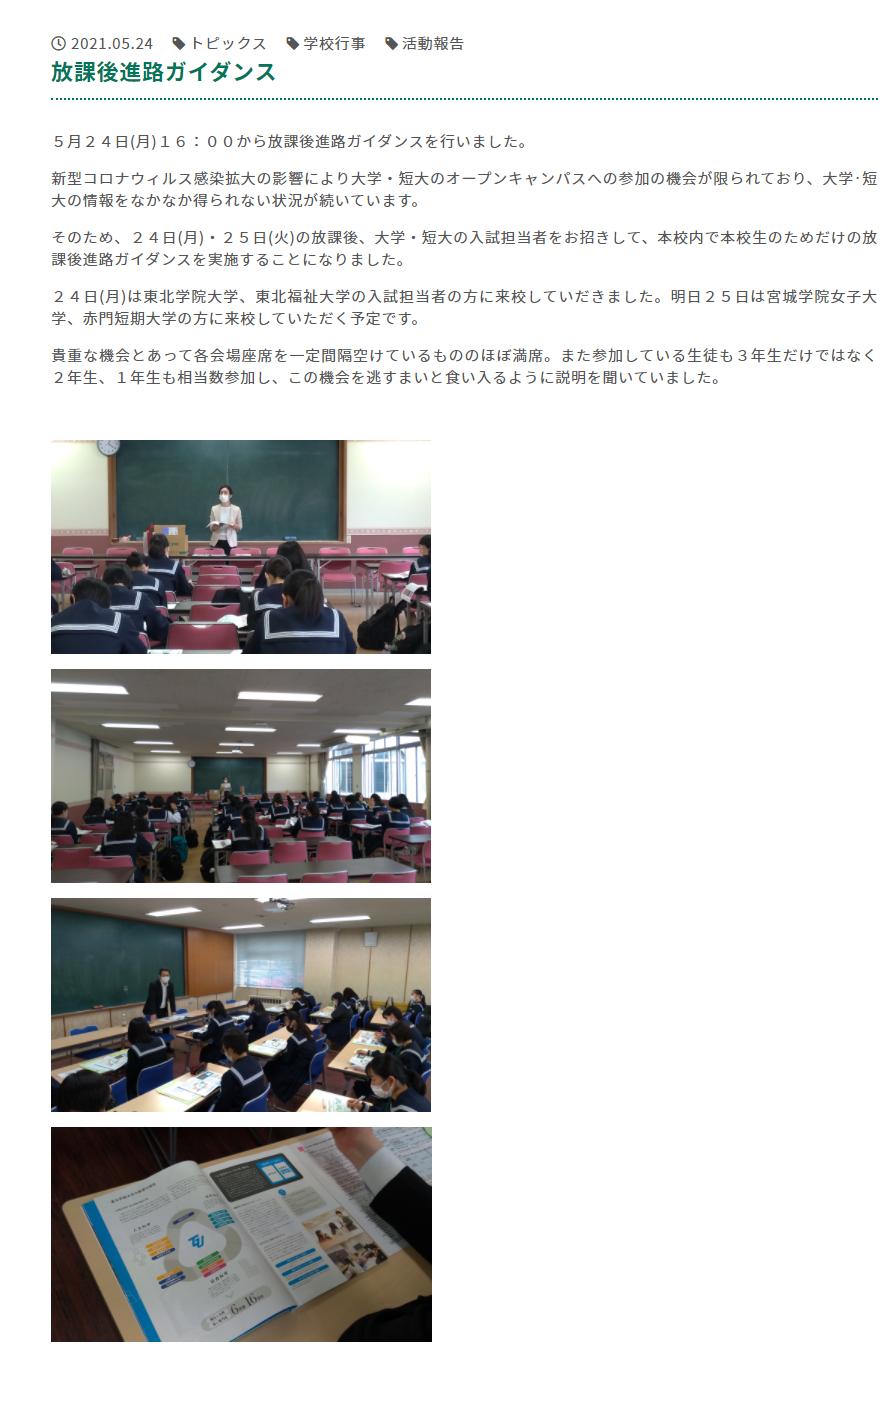 【常盤木学園高校】放課後進路ガイダンス